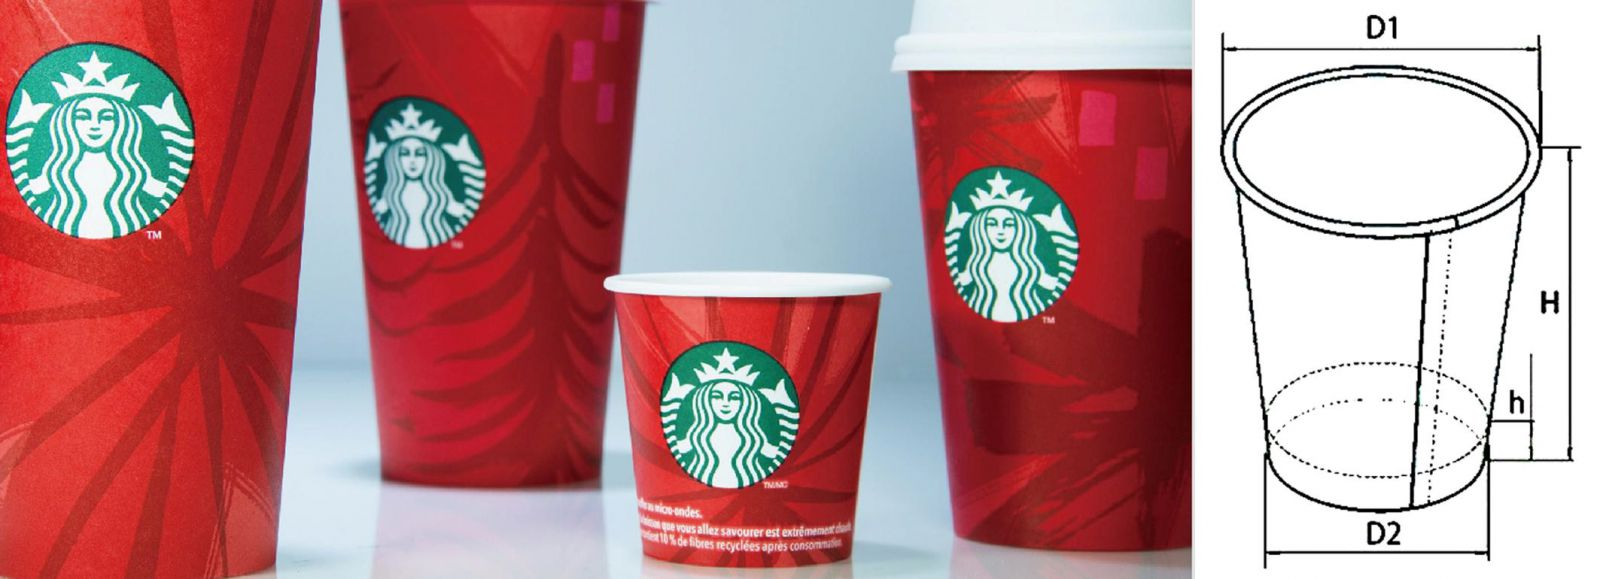 Купить одноразовый бумажный стакан для кофе 250 мл по